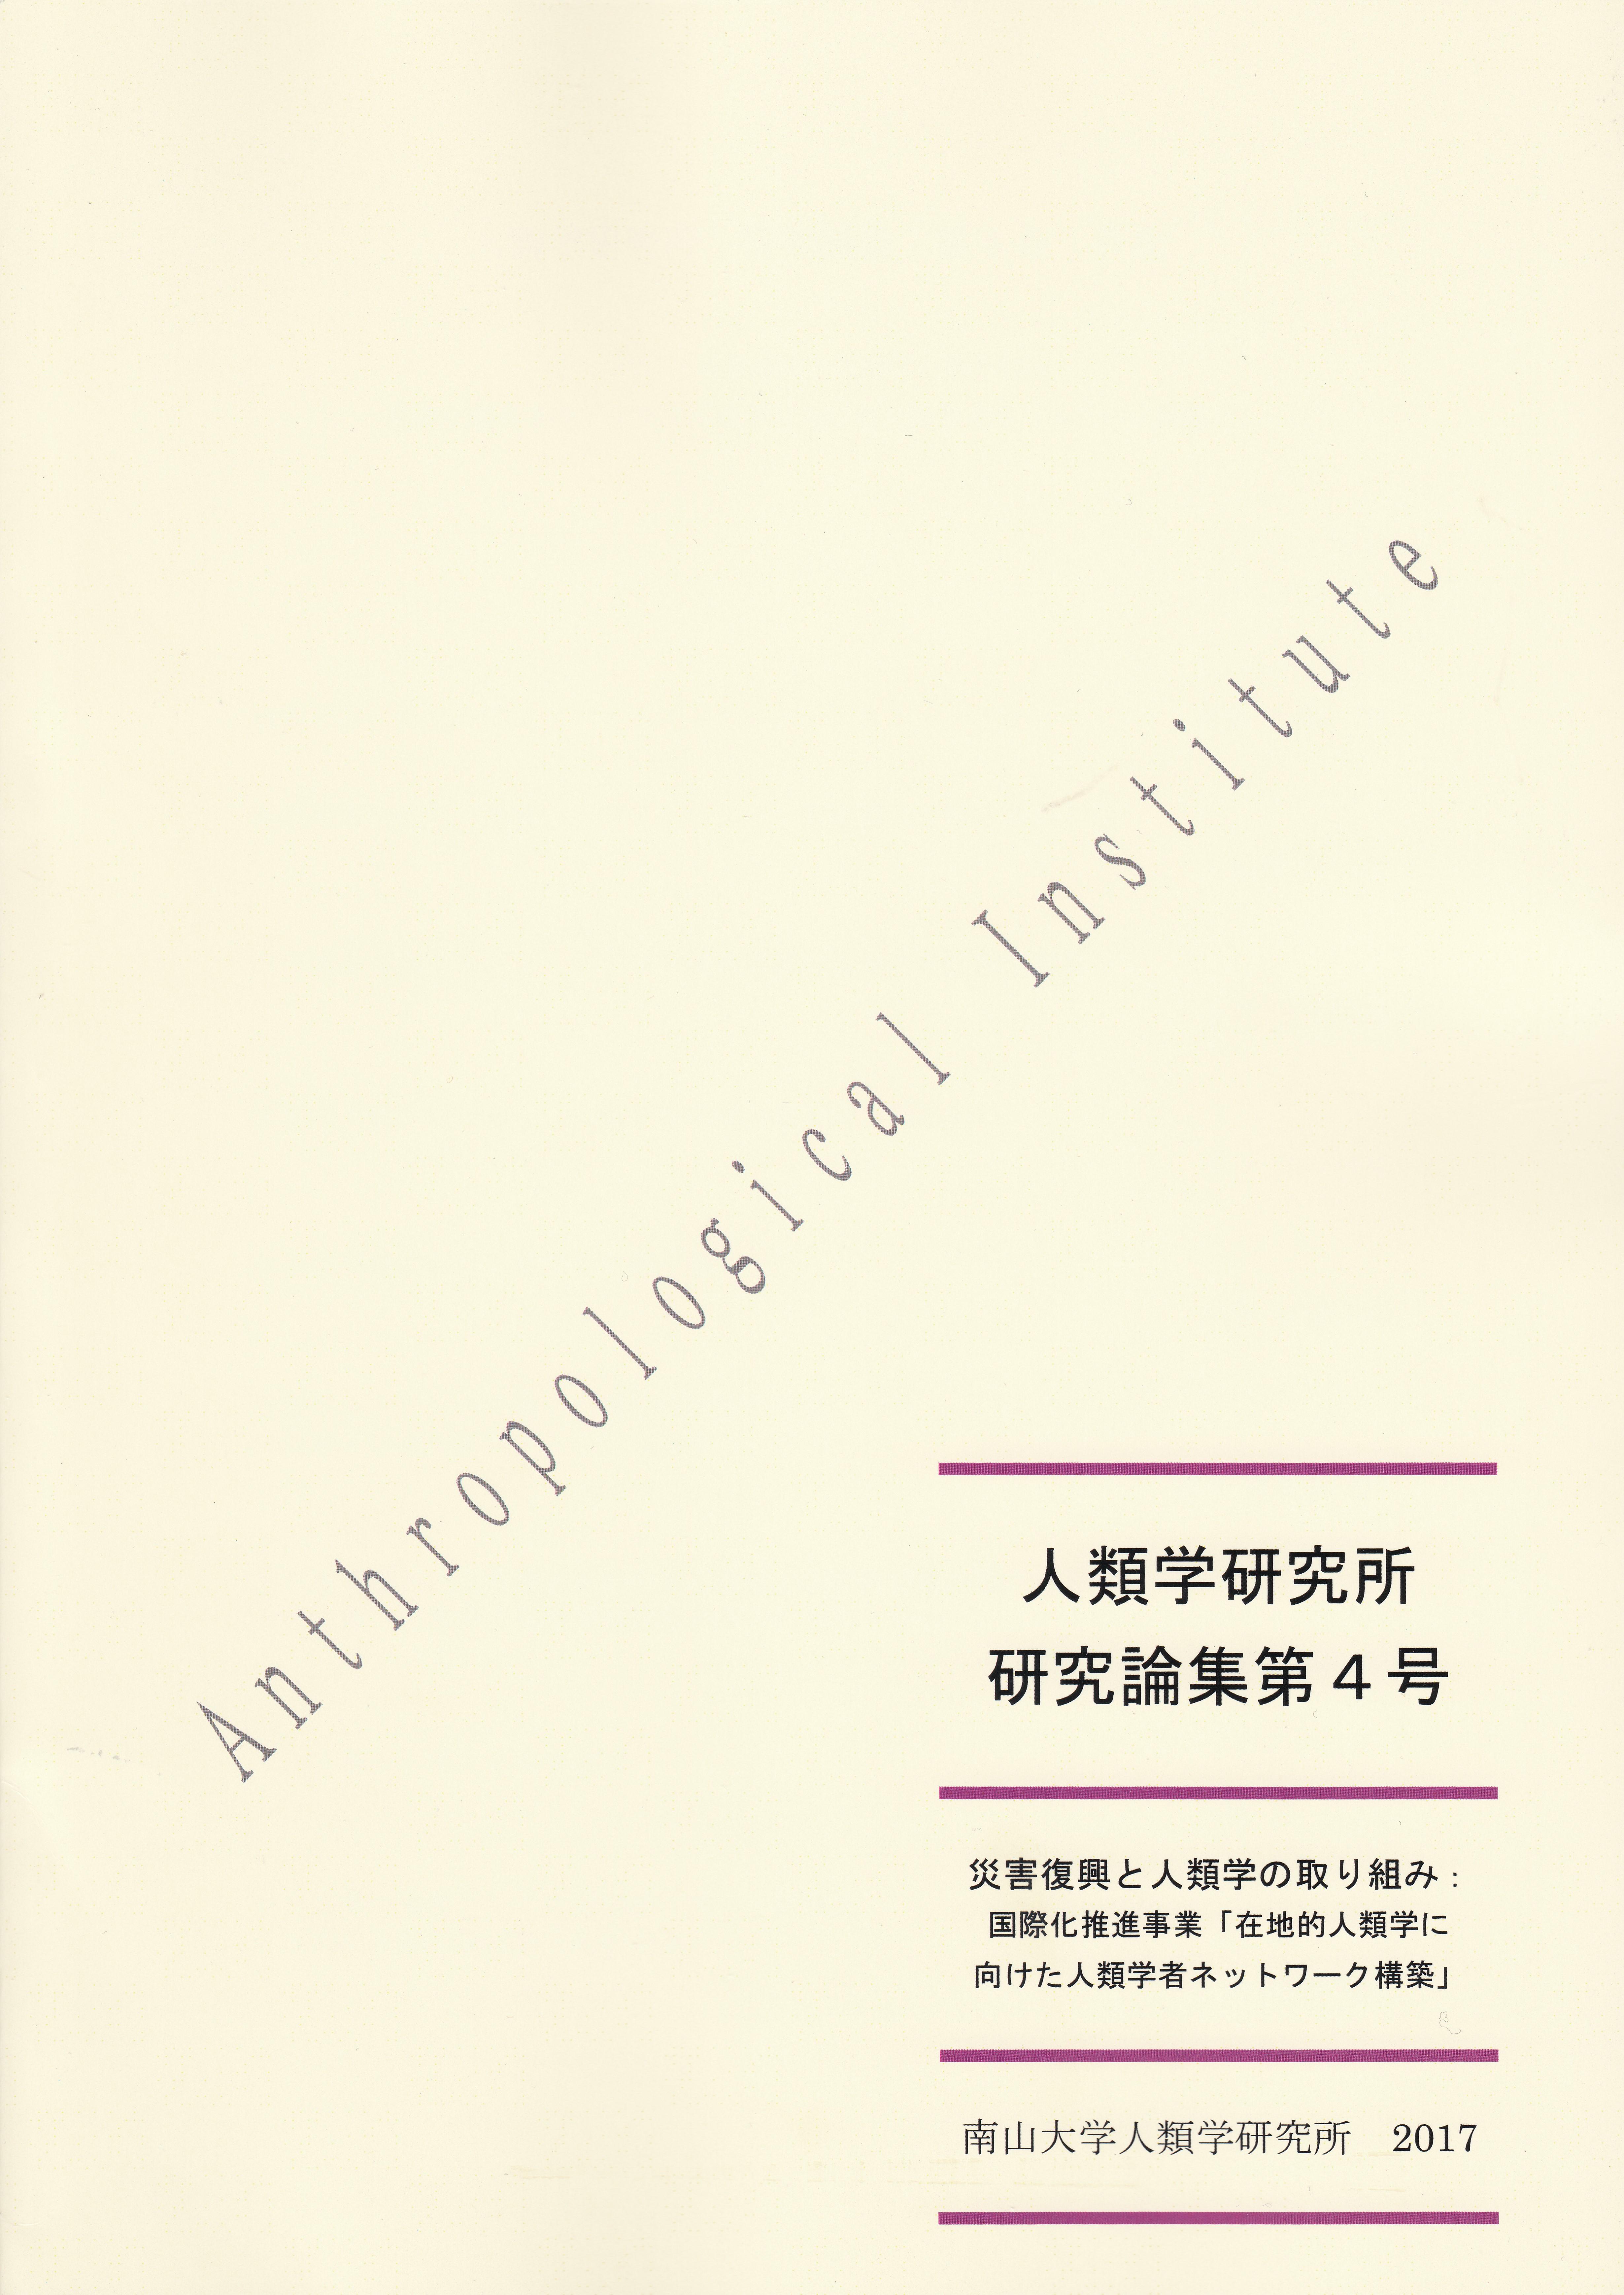 『人類学研究所 研究論集』第4号 2017年(災害復興と人類学の取り組み: 国際化推進事業「在地的人類学に向けた人類学者ネットワーク構築」)